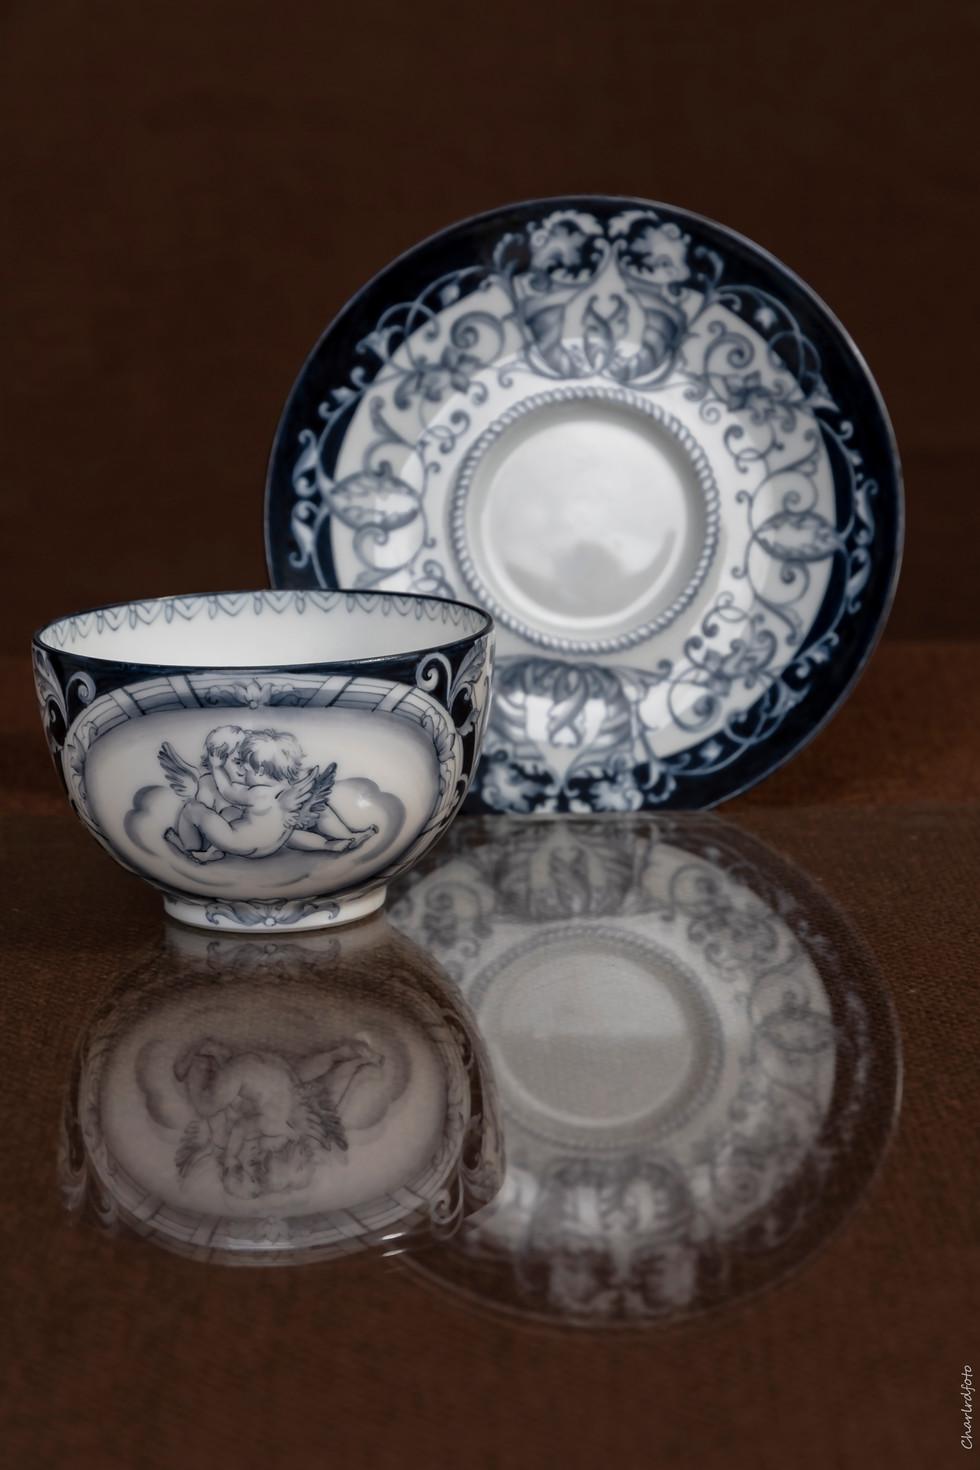 Chaque tasse a été peinte pendant 6 heures avec deux cuissons.